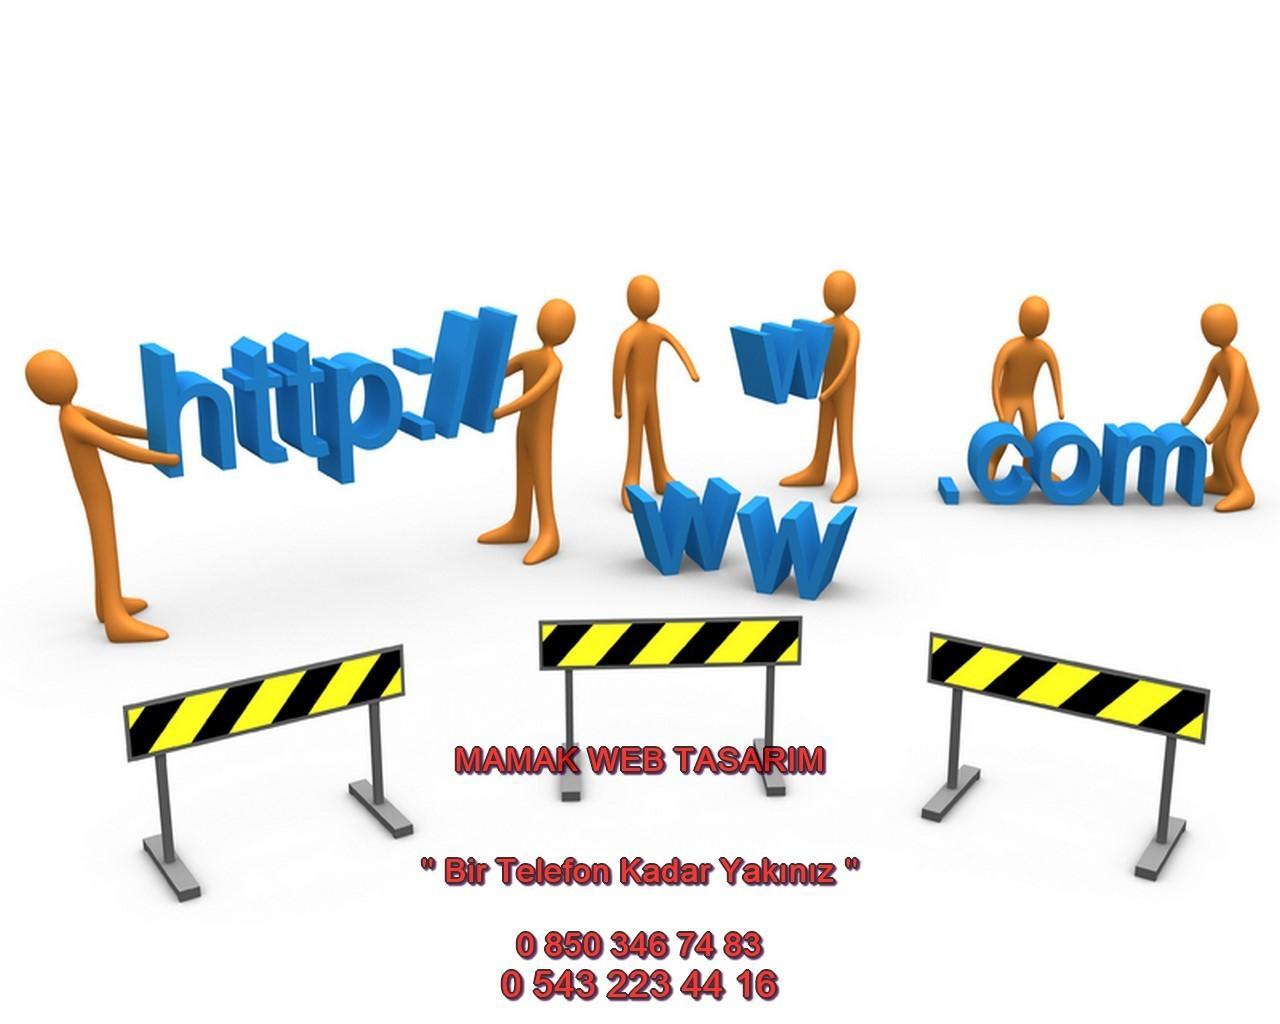 Mamak Web Tasarım